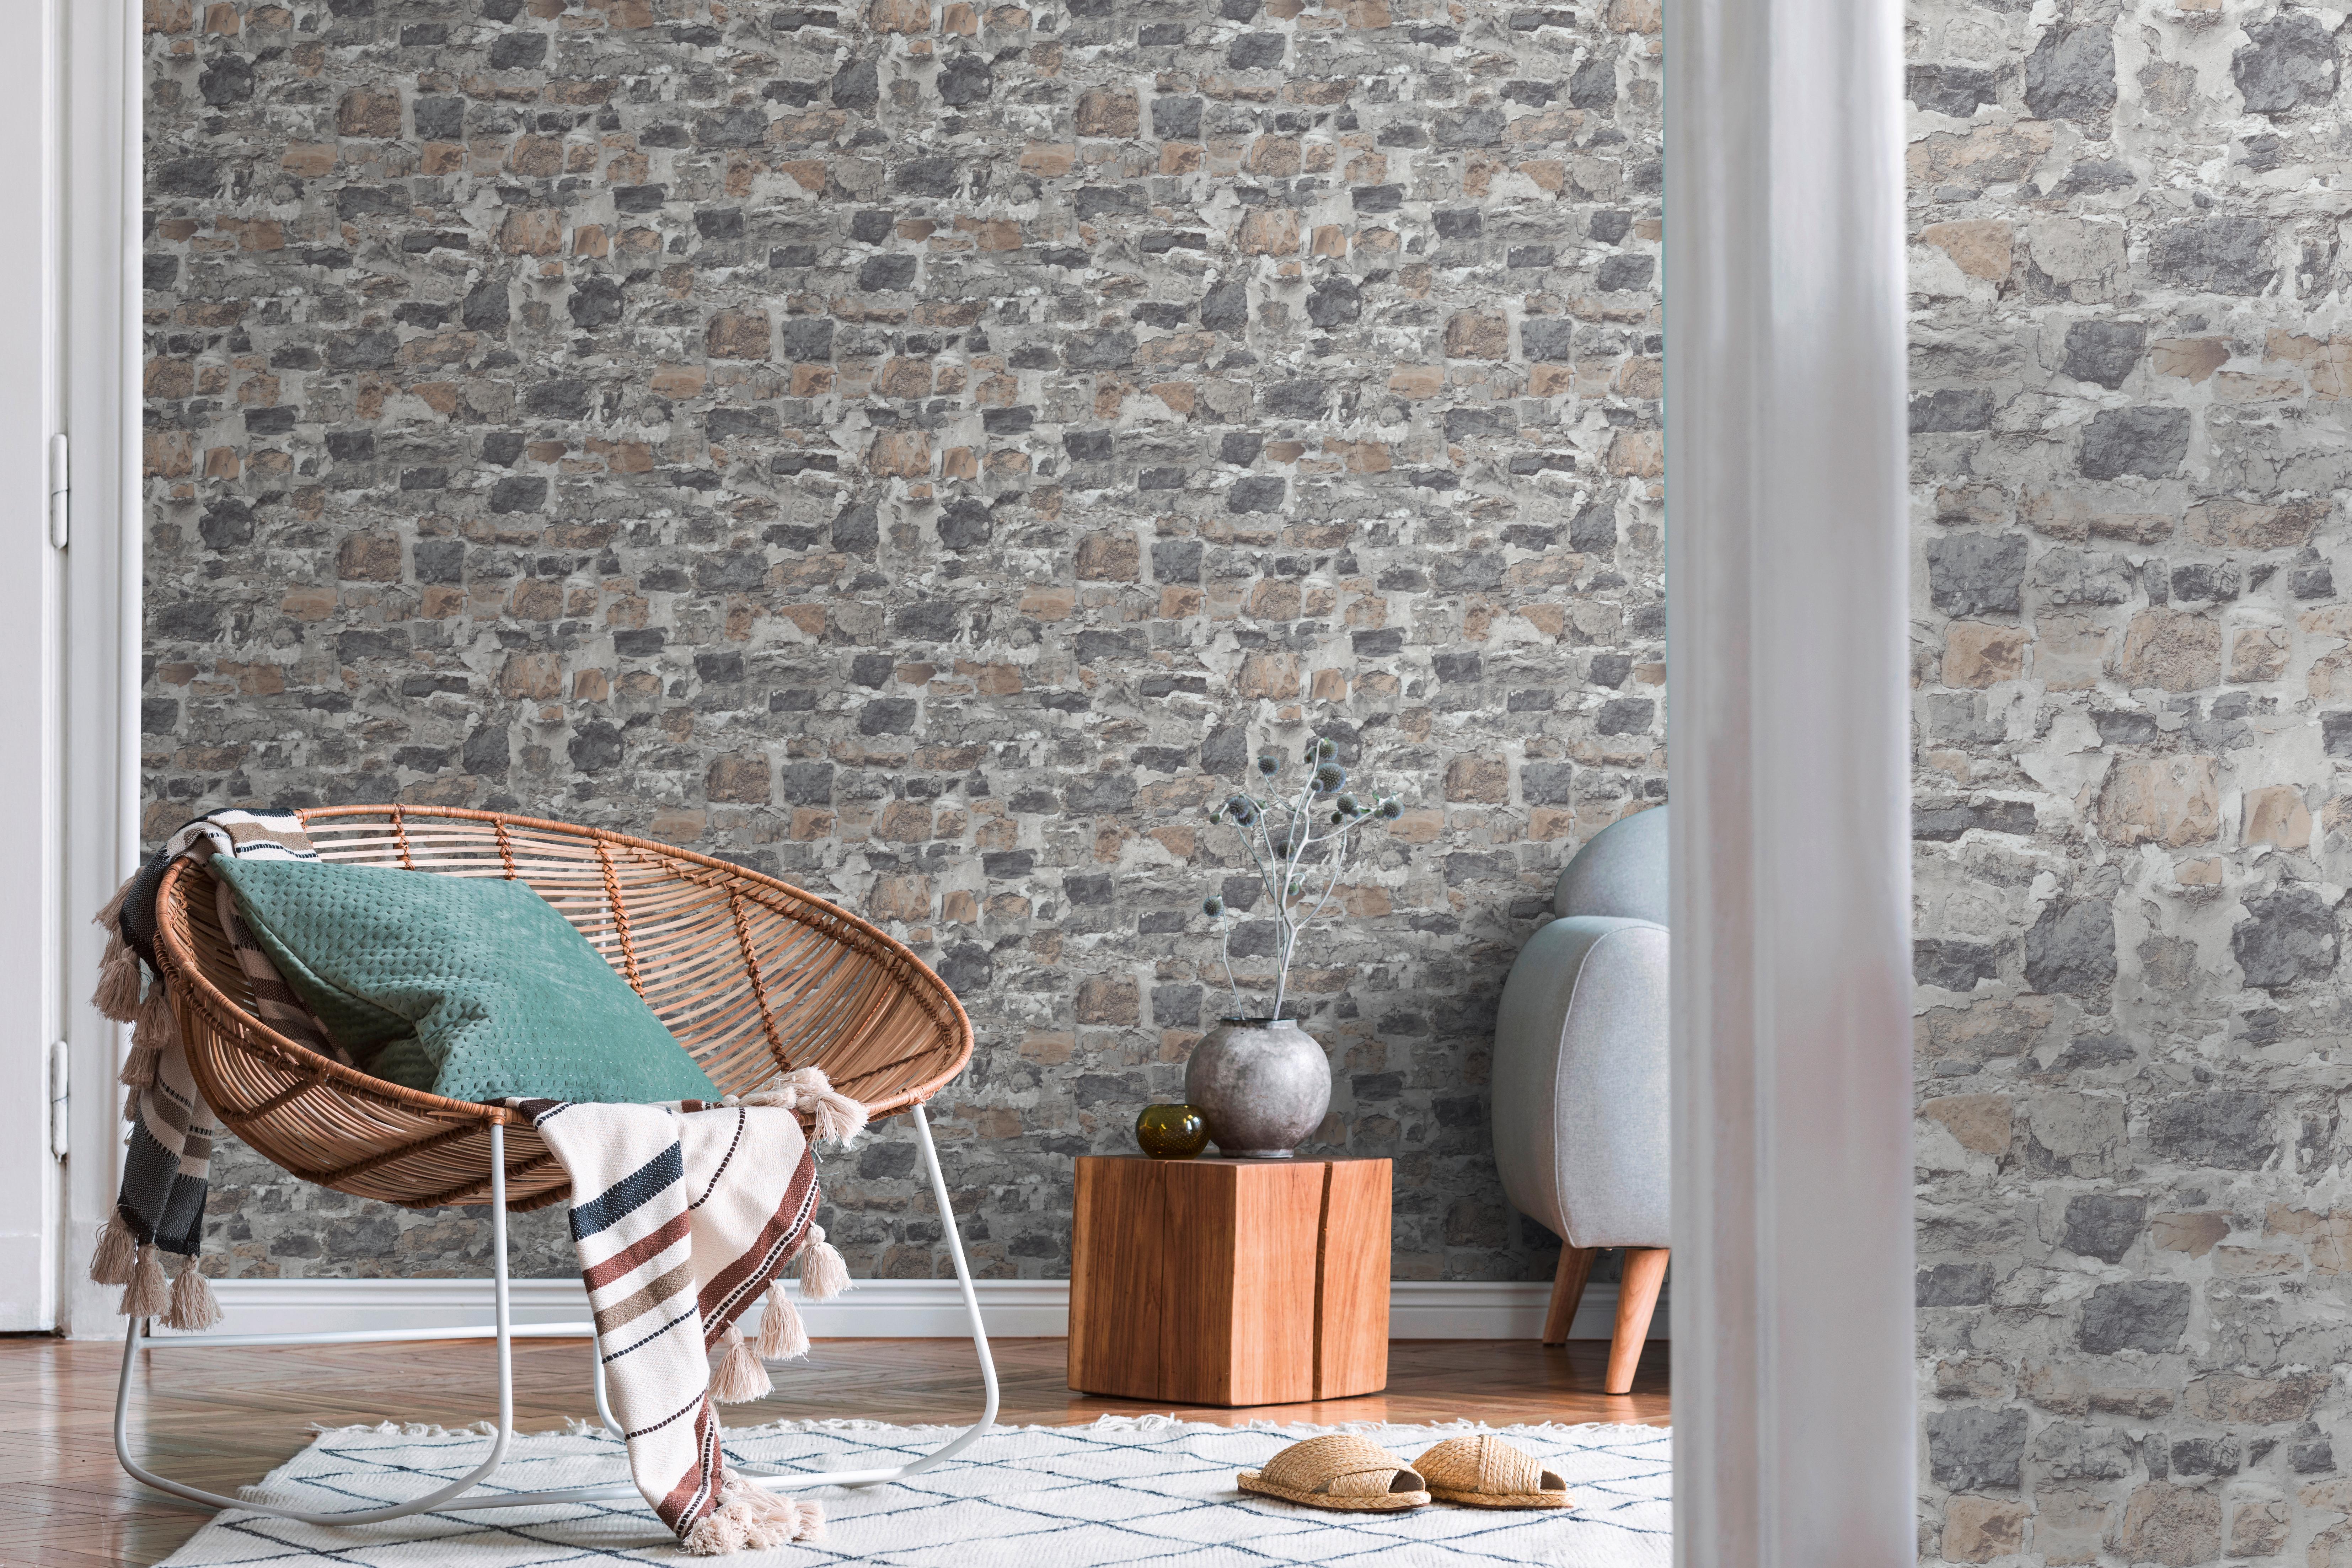 Wohnraum mit Korbsessel und Steintapete